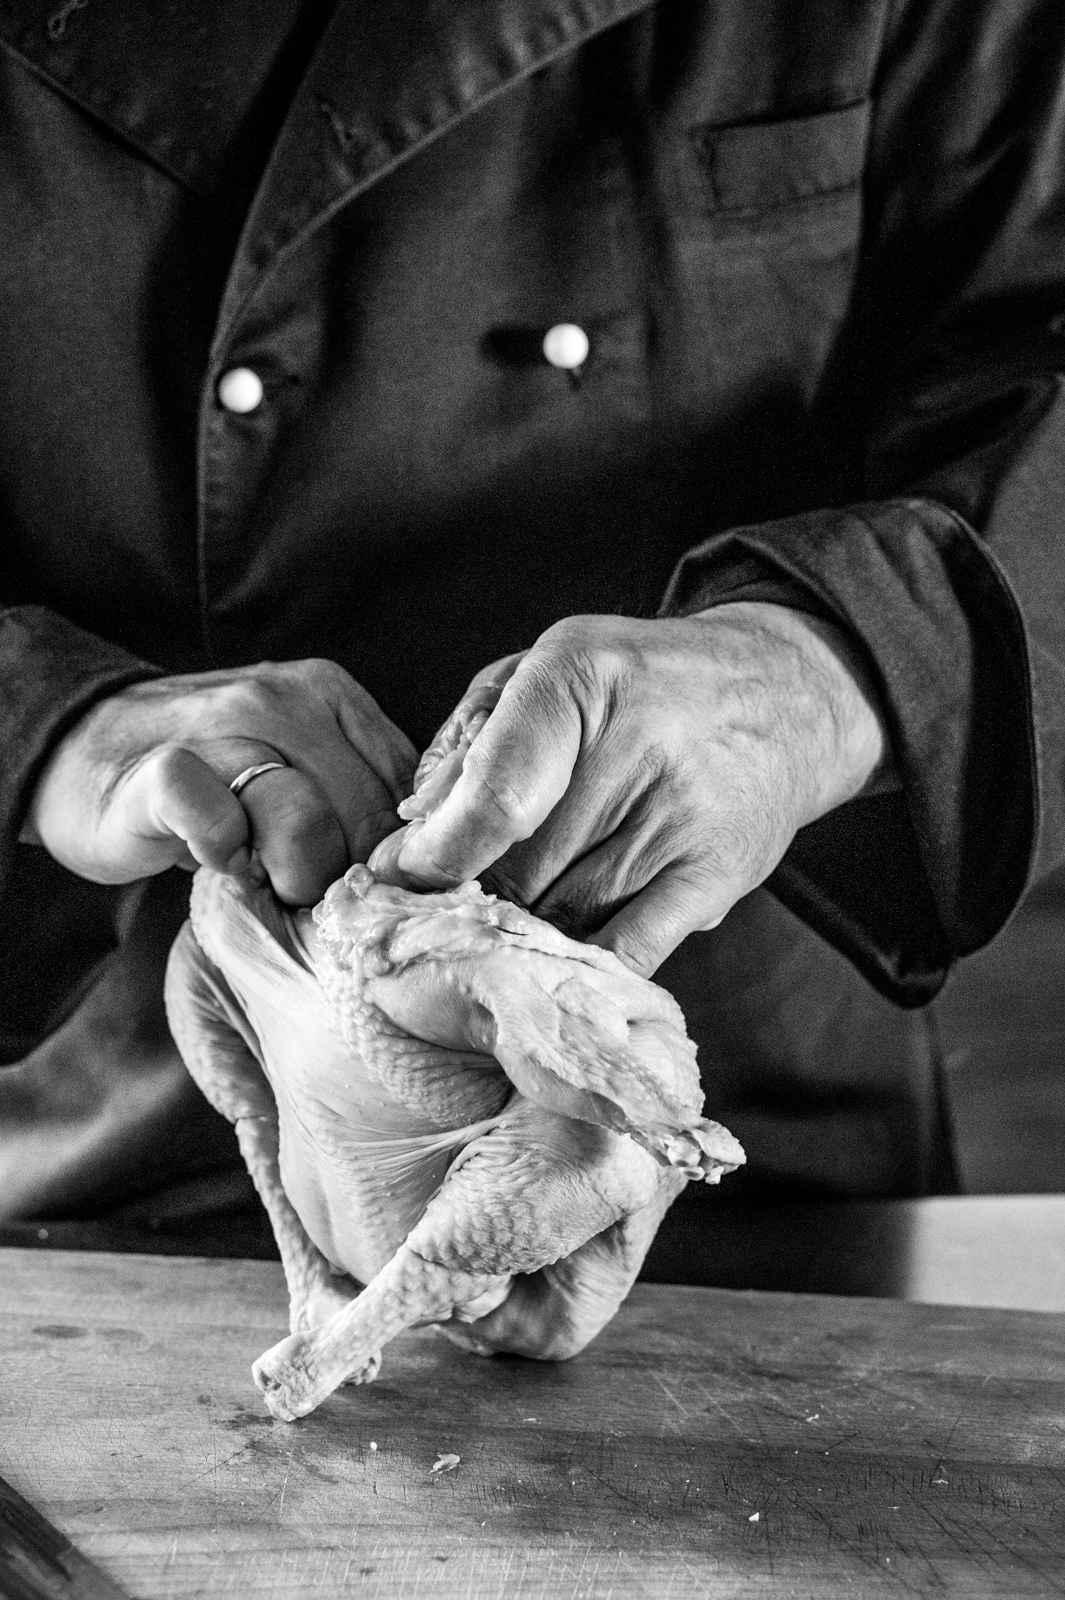 Haut und Fleisch werden mit der Hand von der Karkasse gezogen